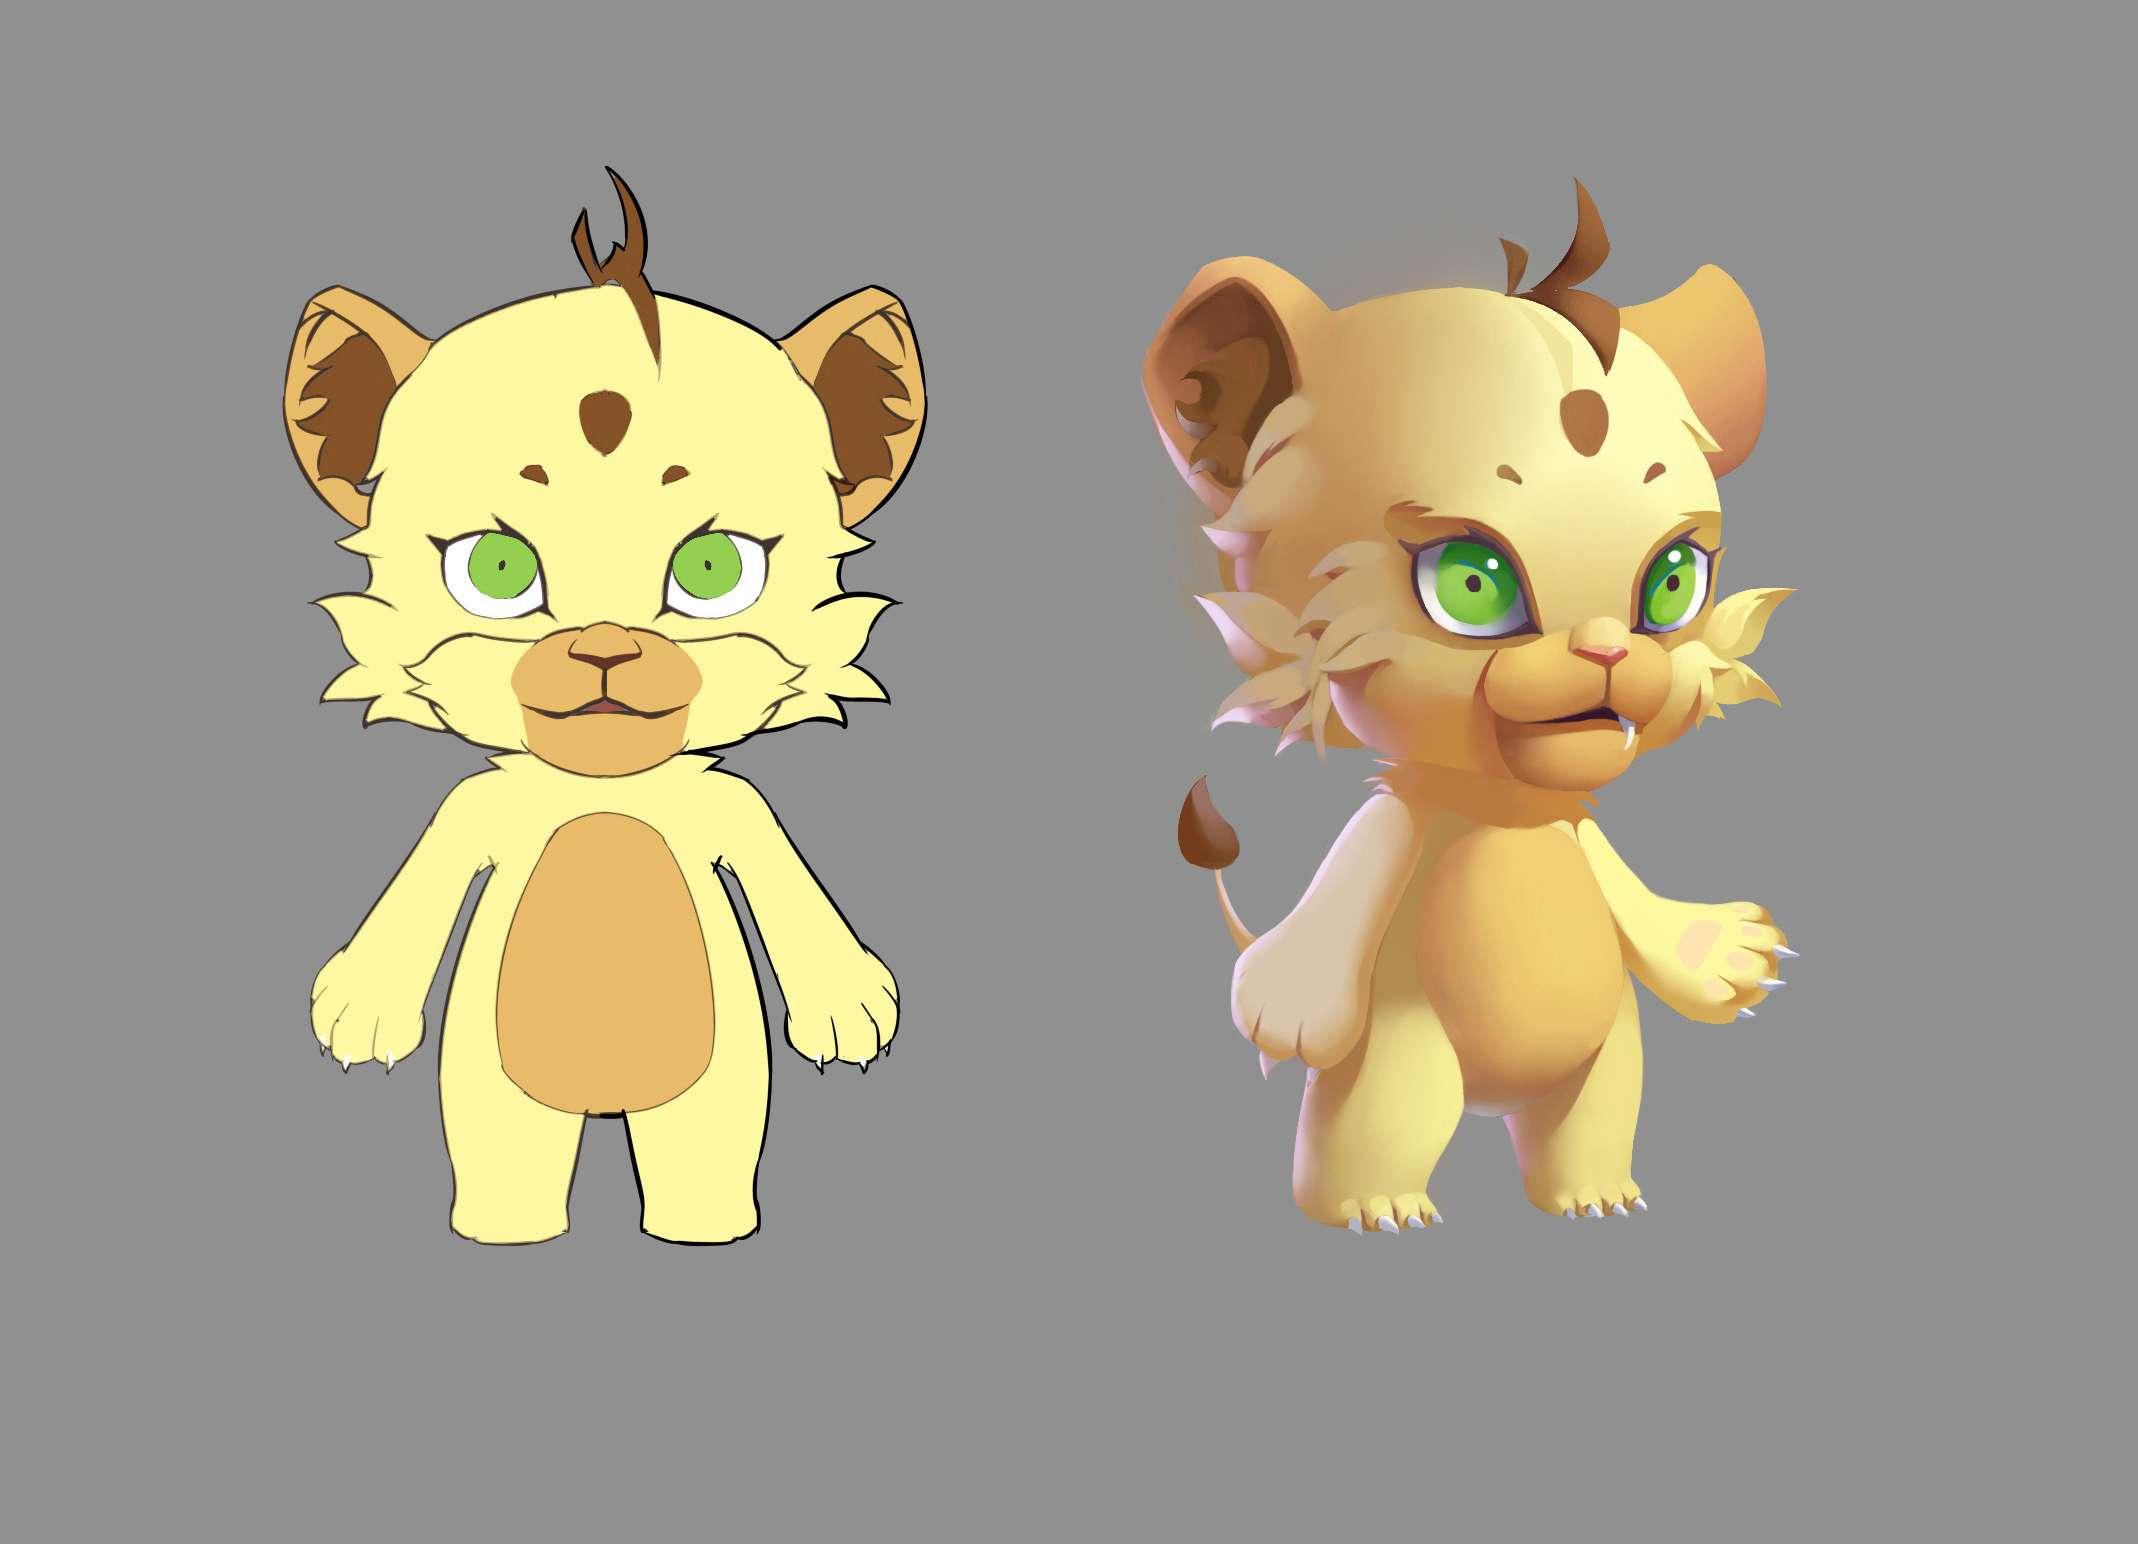 最后一只小狮子- - 38 1 天前 发布 分类: 原创 标签: q版  qzone